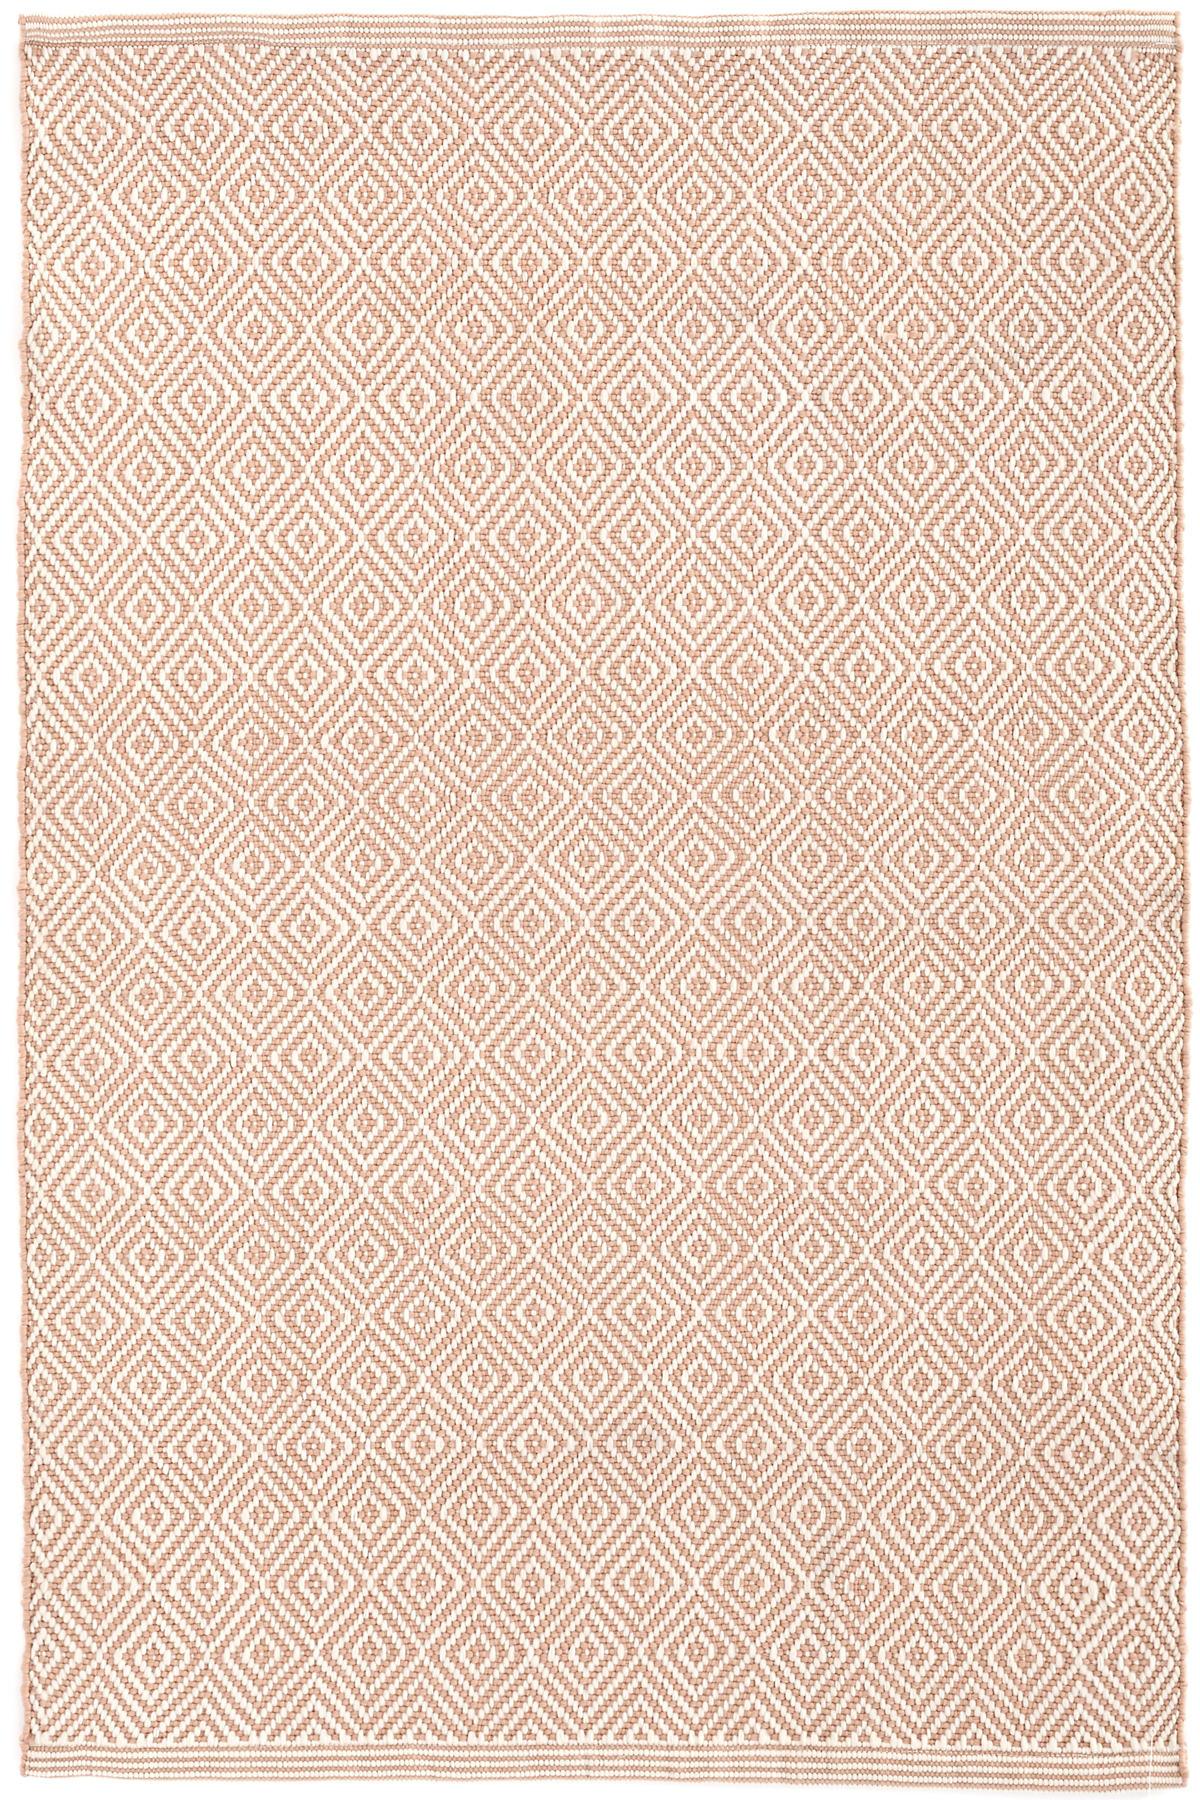 Petit Diamond Dusty Pink/Ivory Indoor/Outdoor Rug